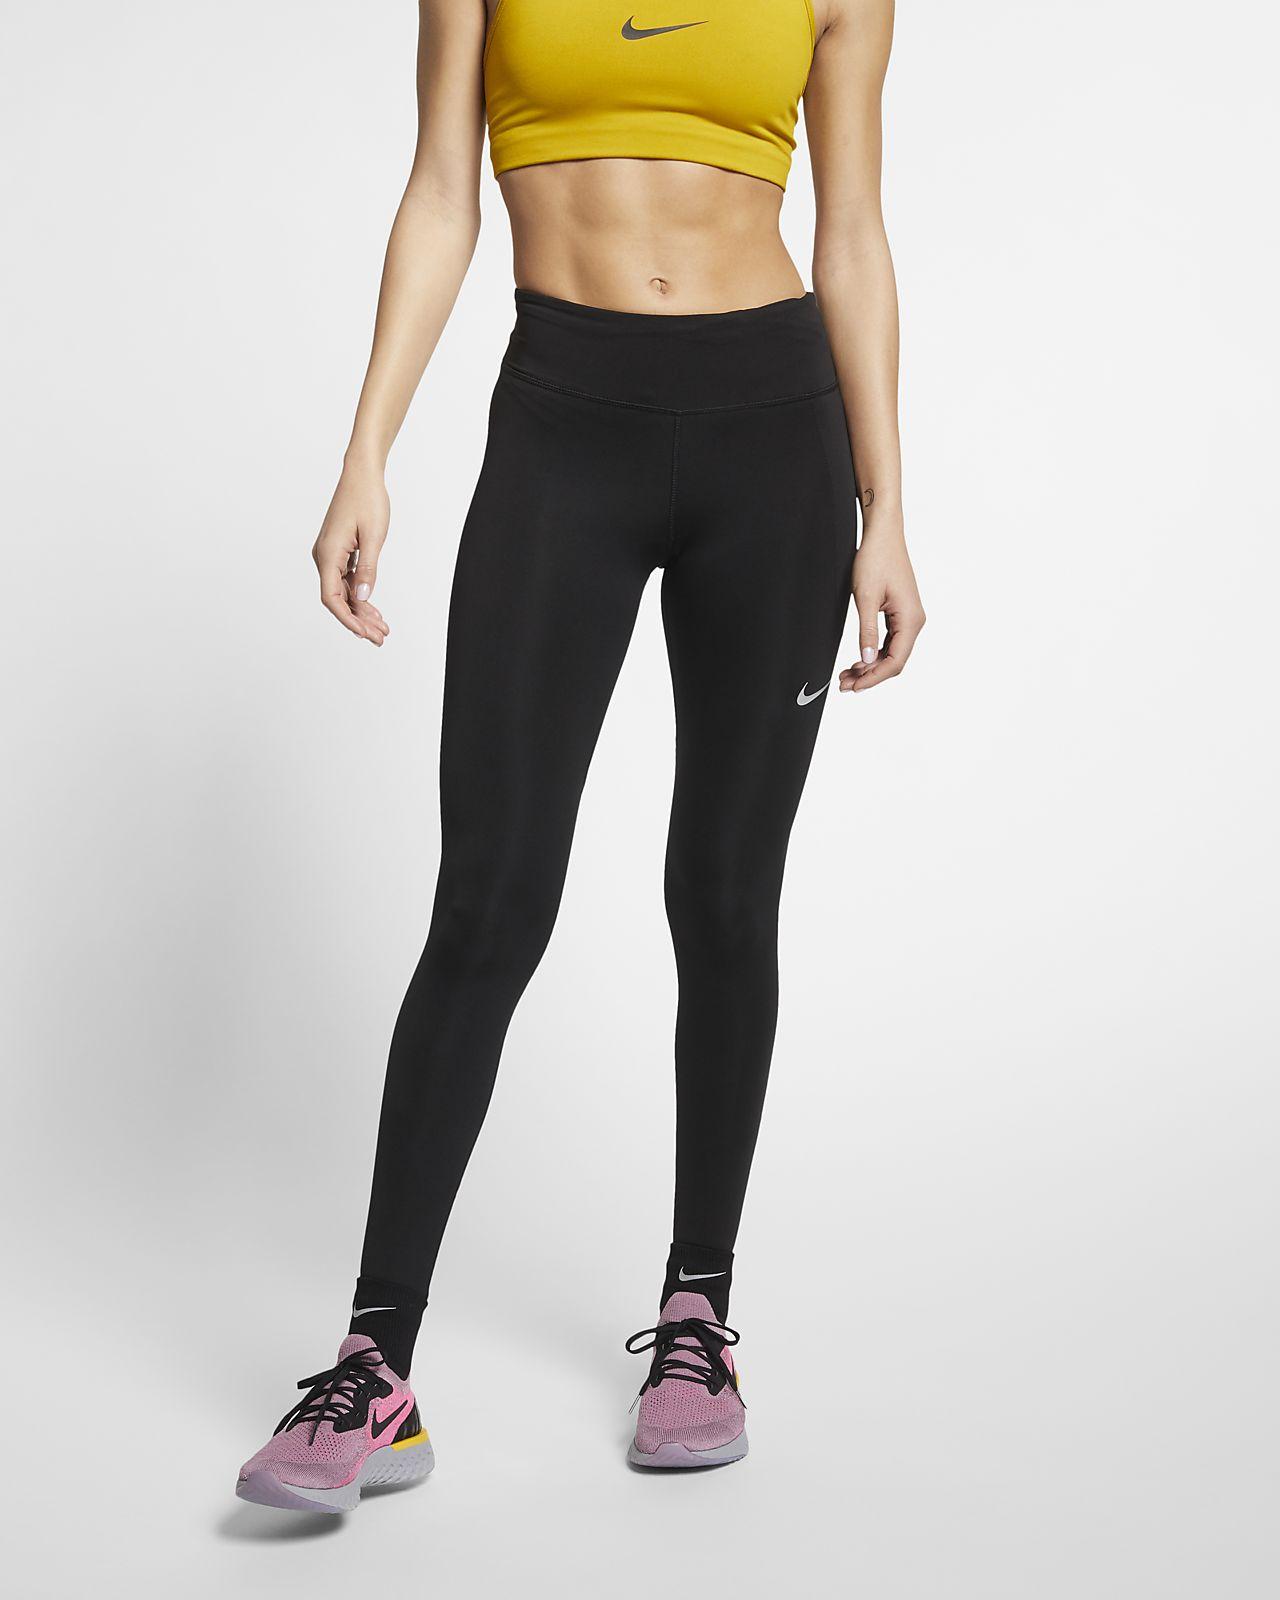 Женские беговые тайтсы Nike Fast